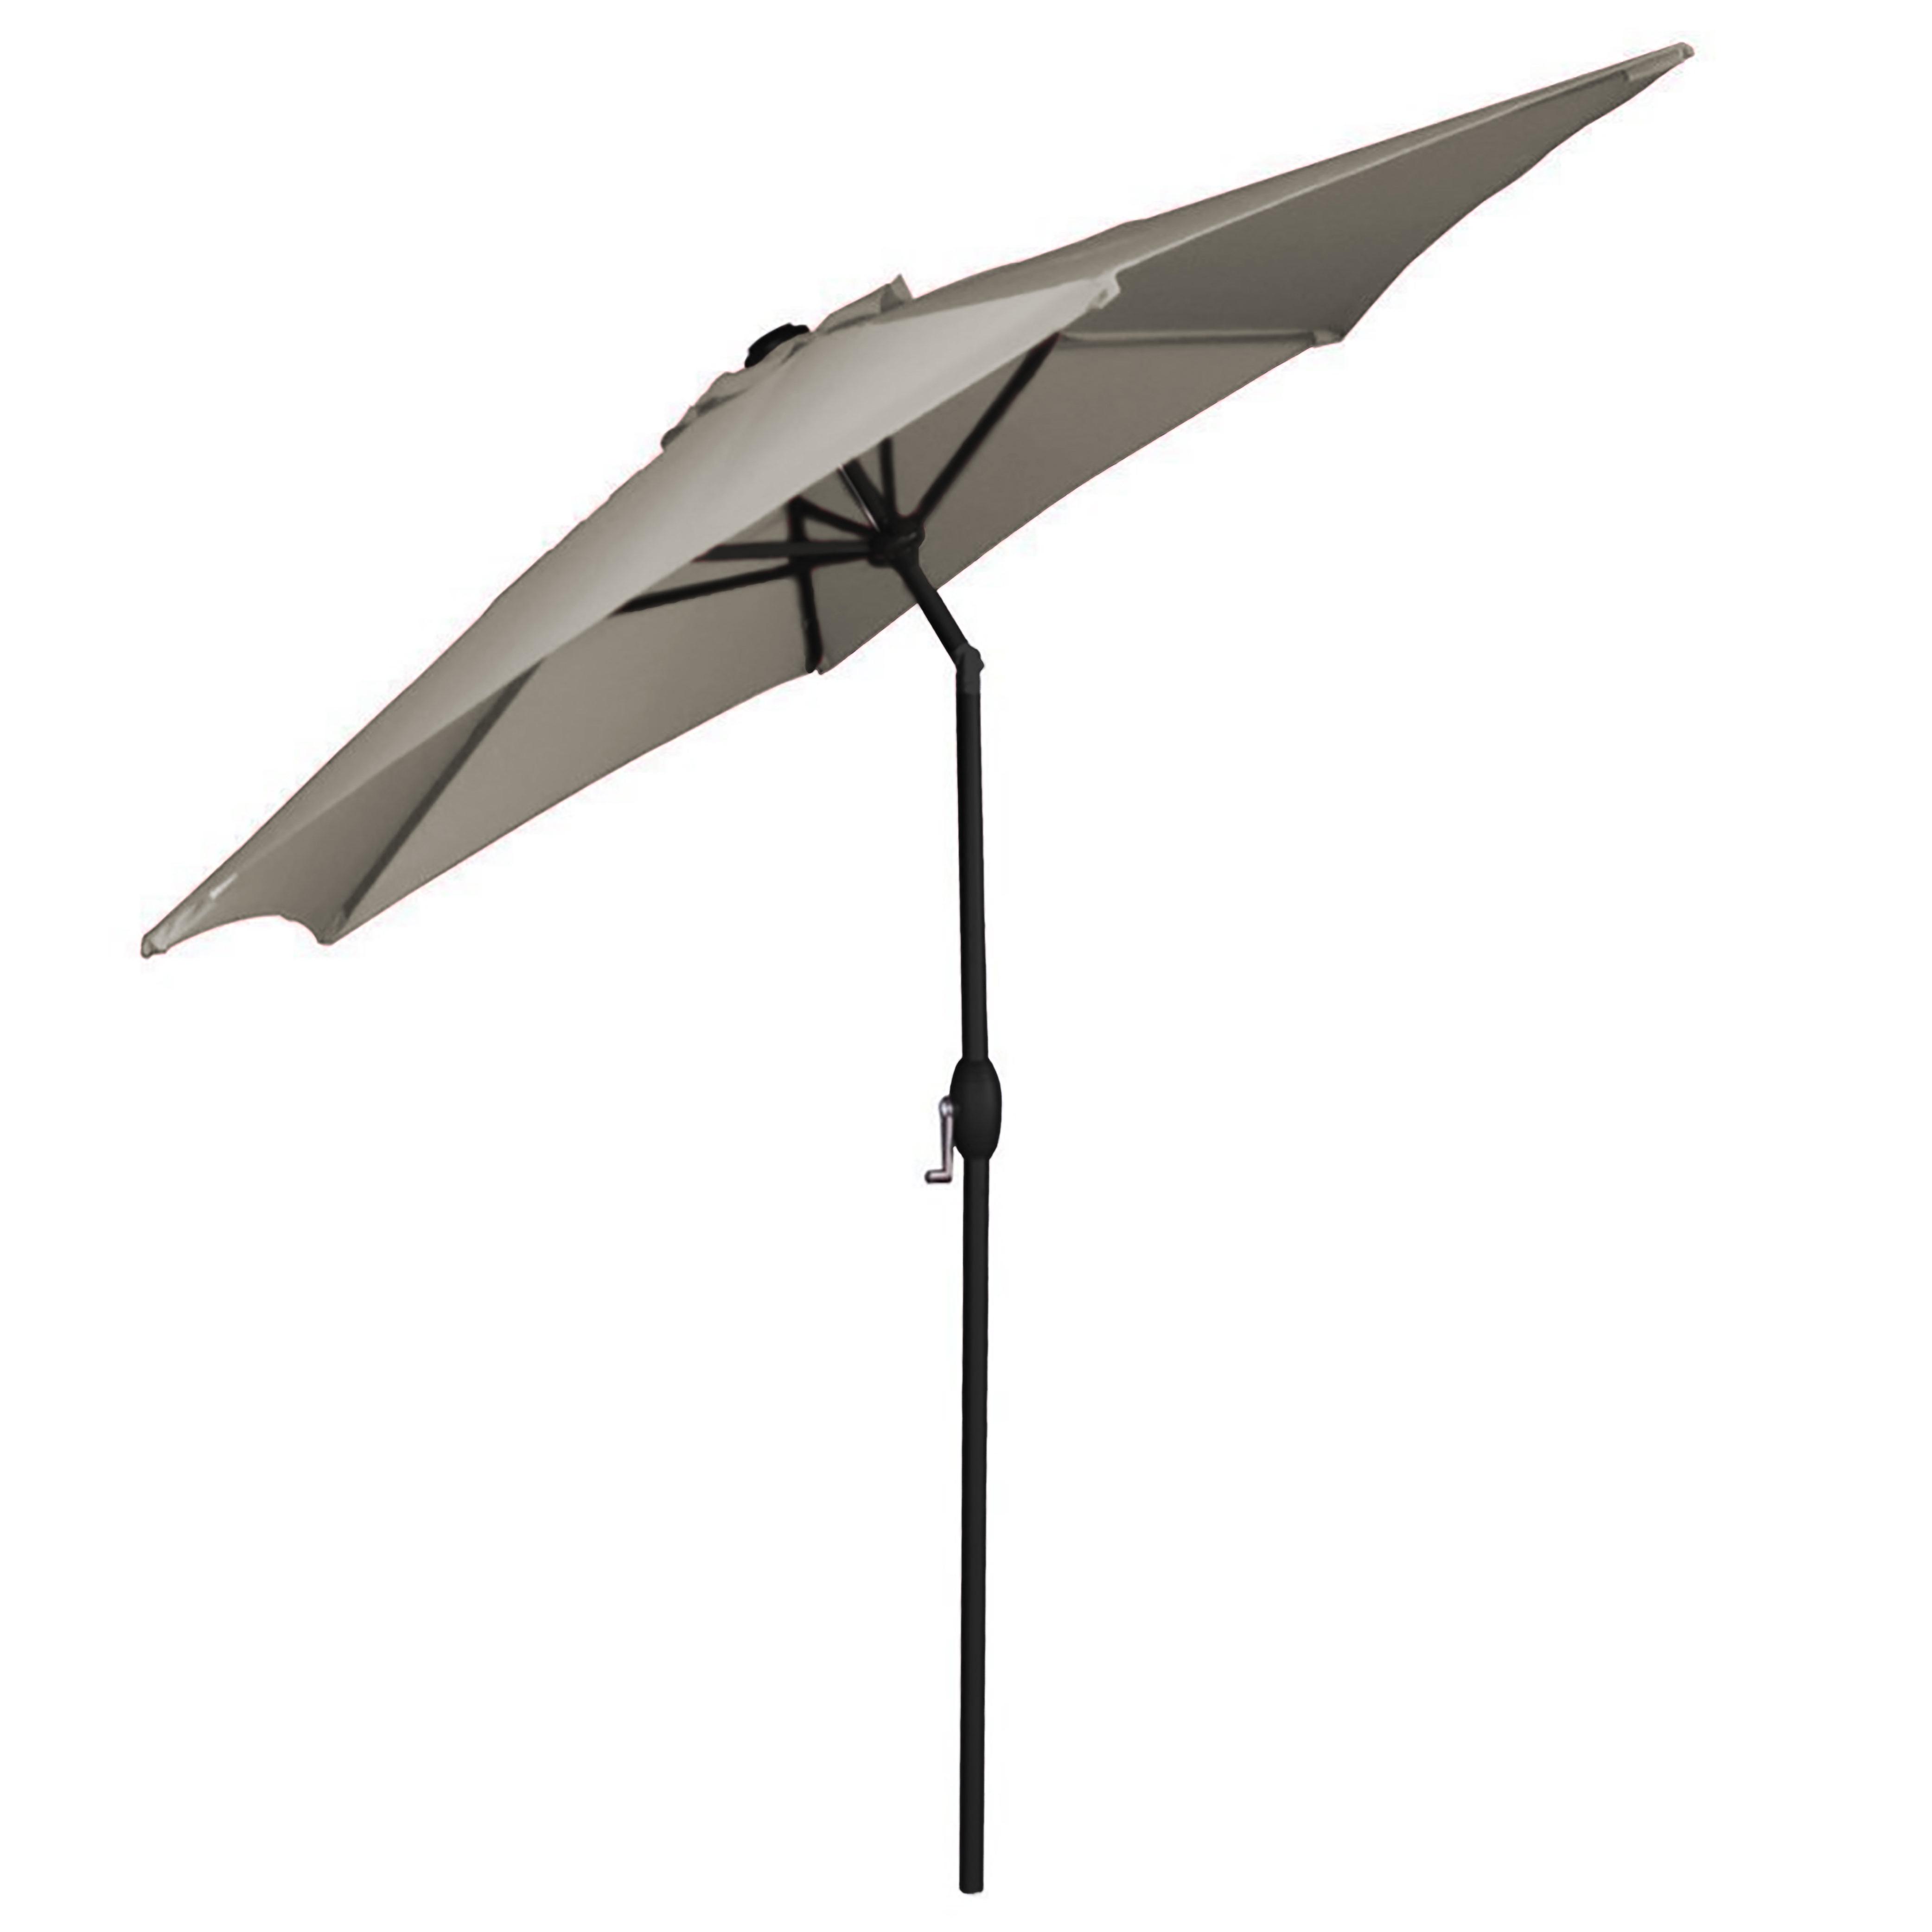 Herlinda Solar Lighted Market Umbrellas Regarding Most Recent Panama Market Umbrella (Gallery 11 of 20)